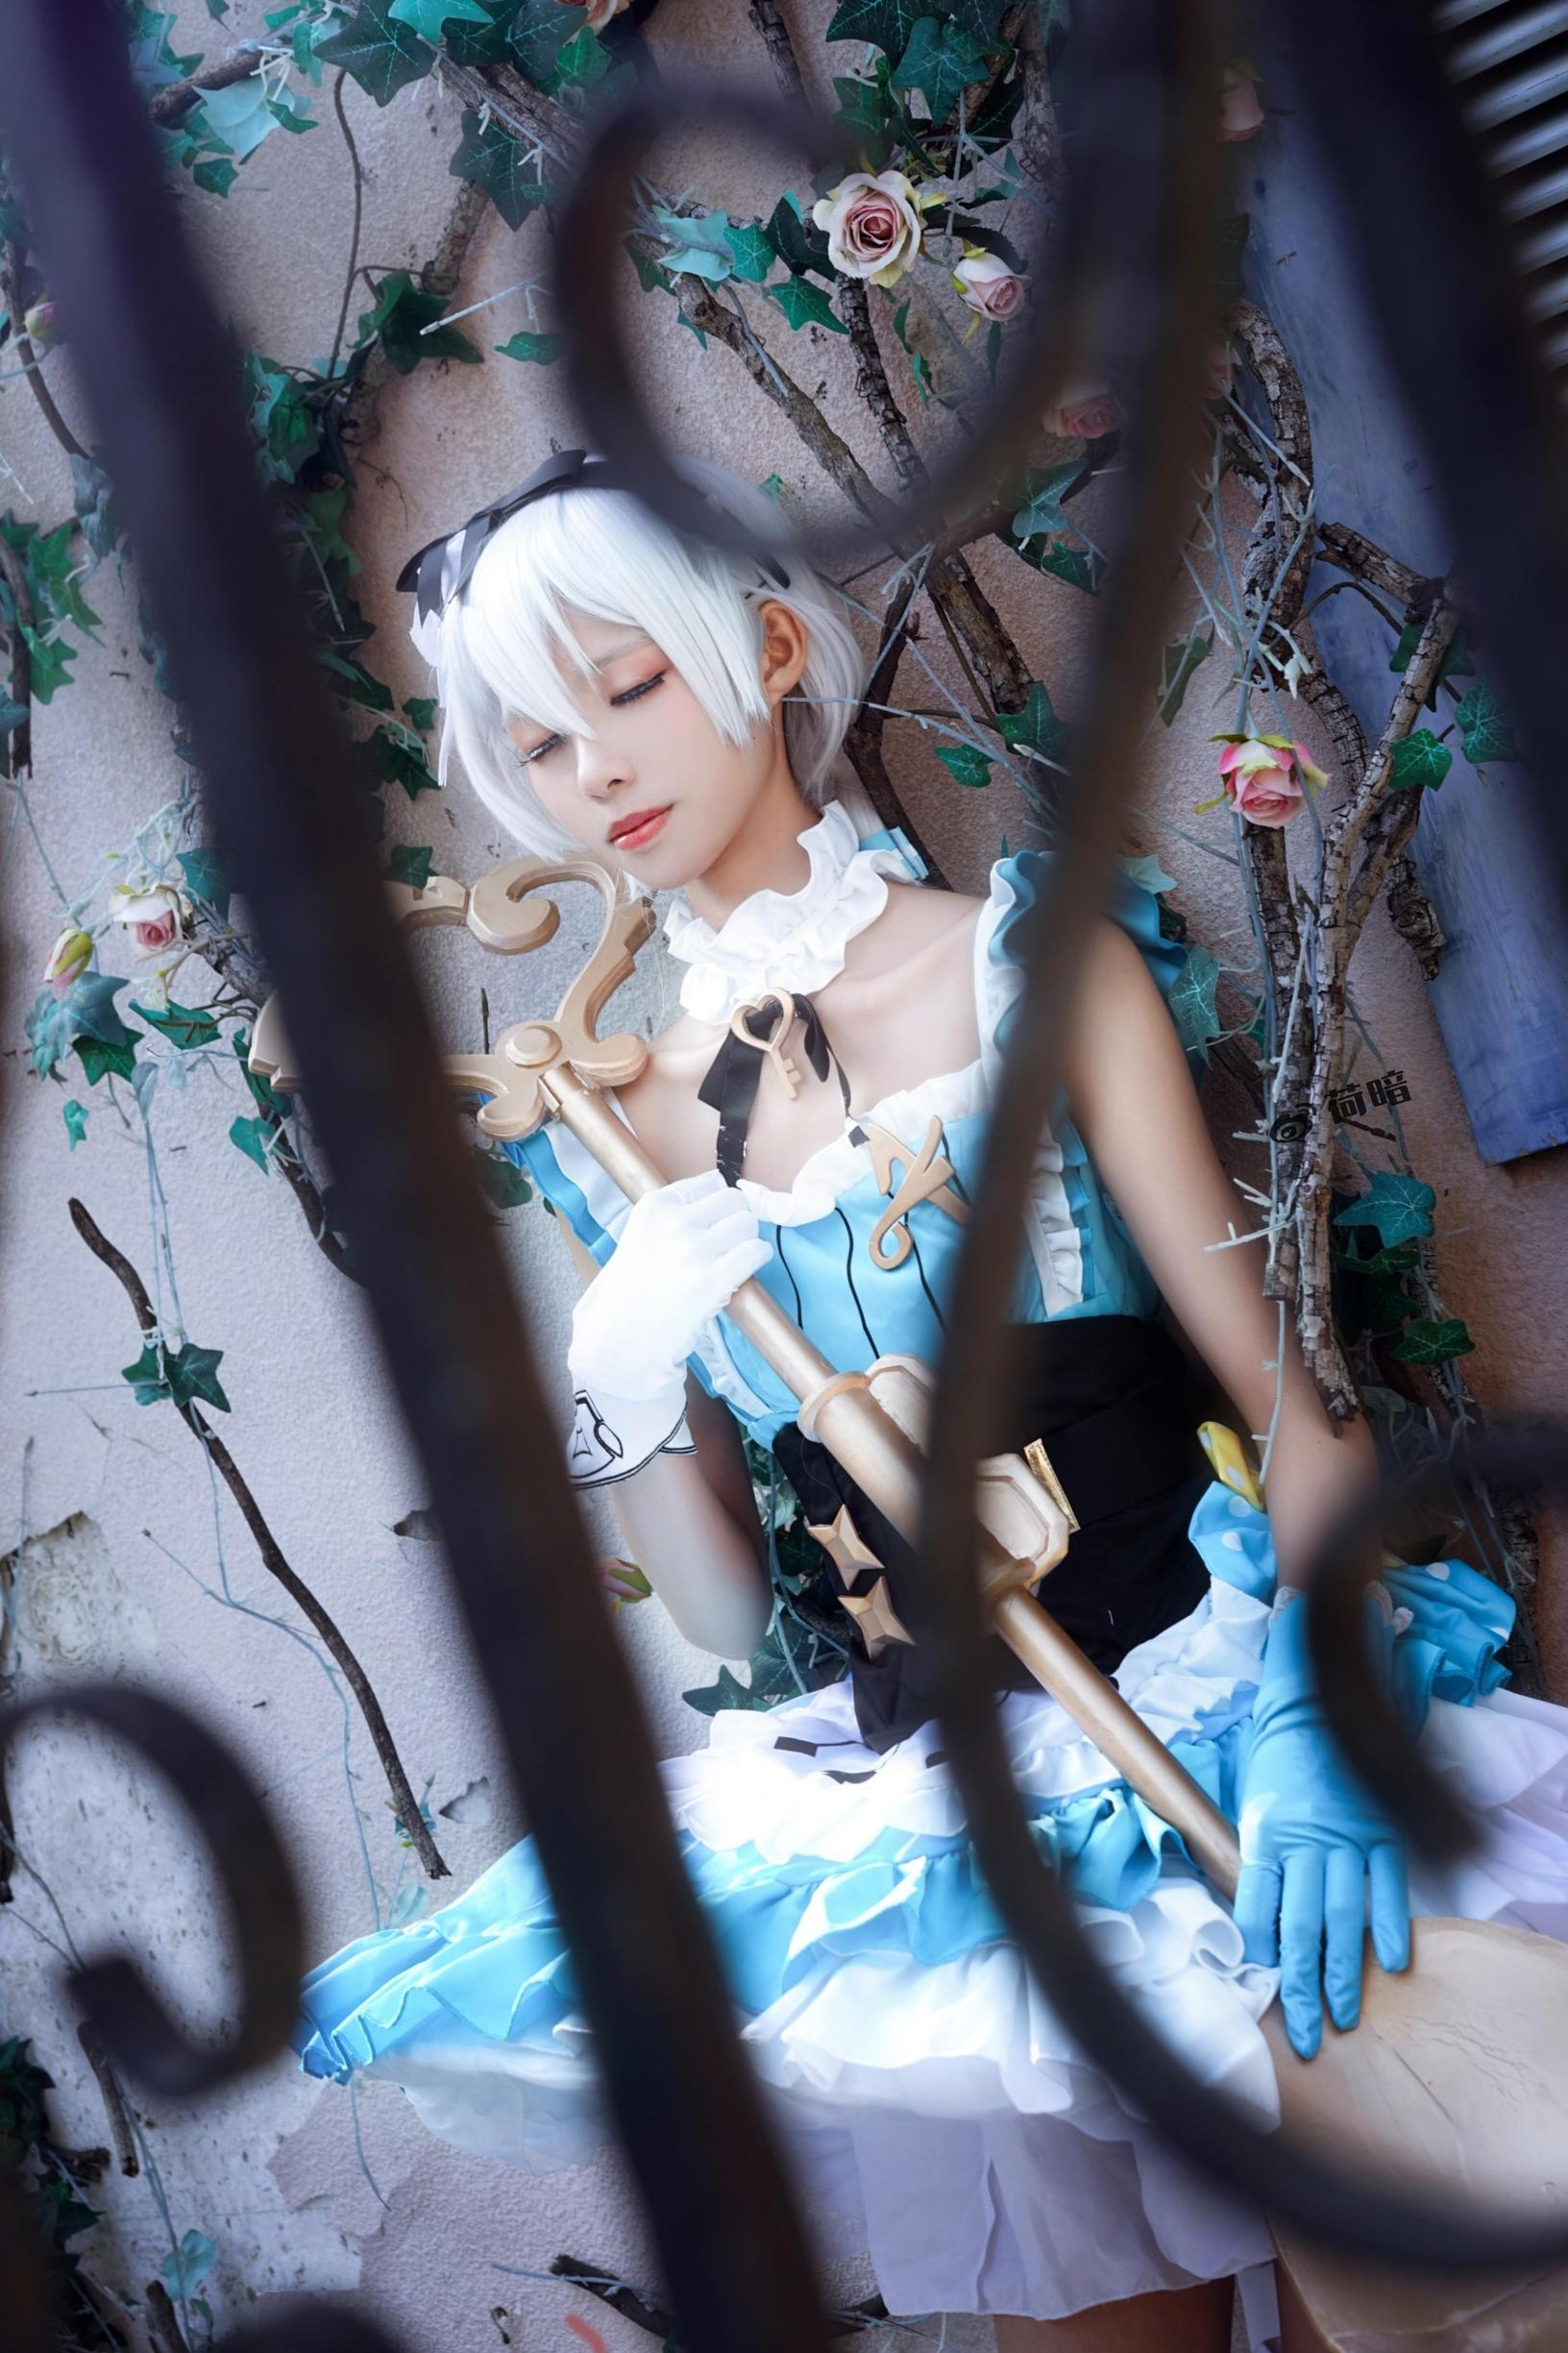 《崩坏学园》崩坏3cosplay【CN:荷暗】 -腐团儿cosplay图片集插图